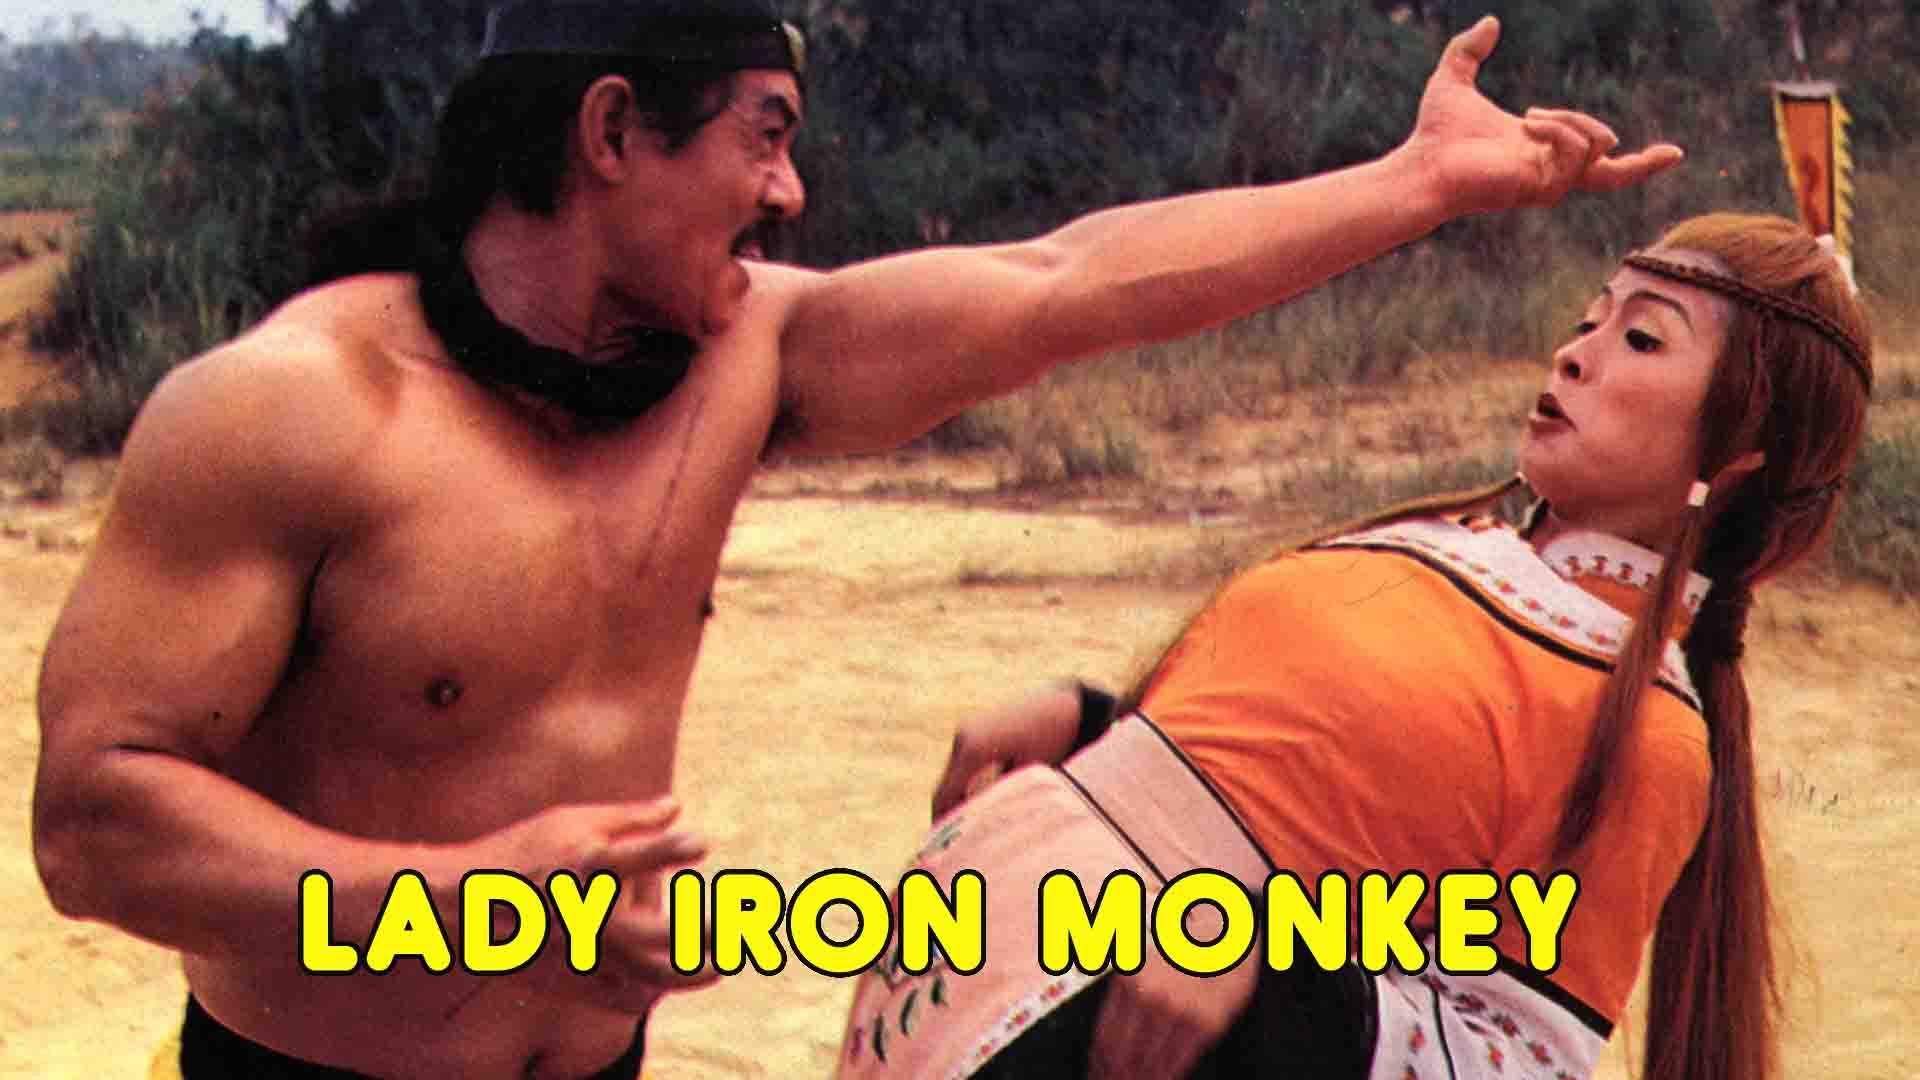 Lady Iron Monkey